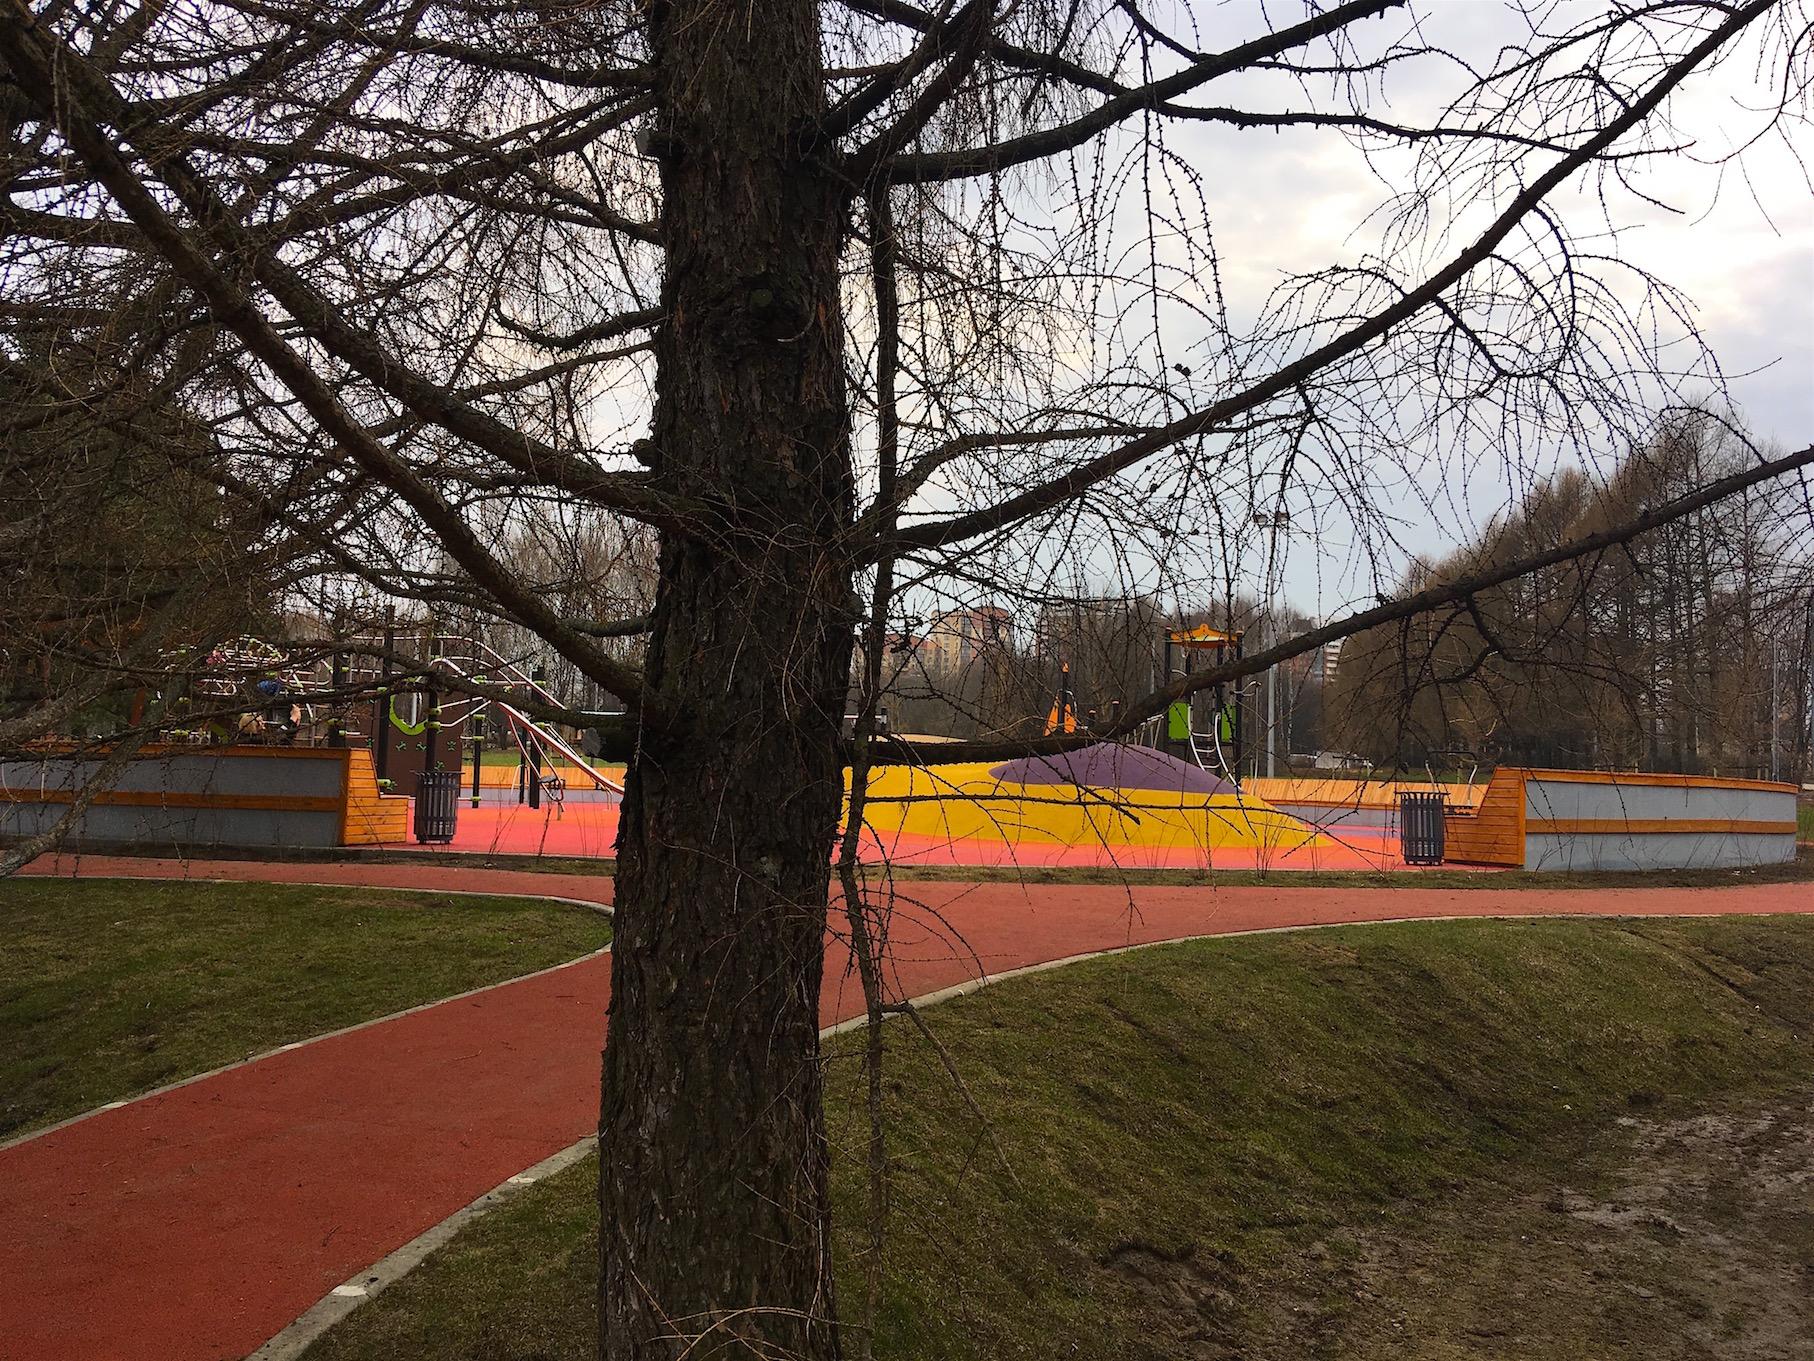 Детские площадки и беговая дорожка